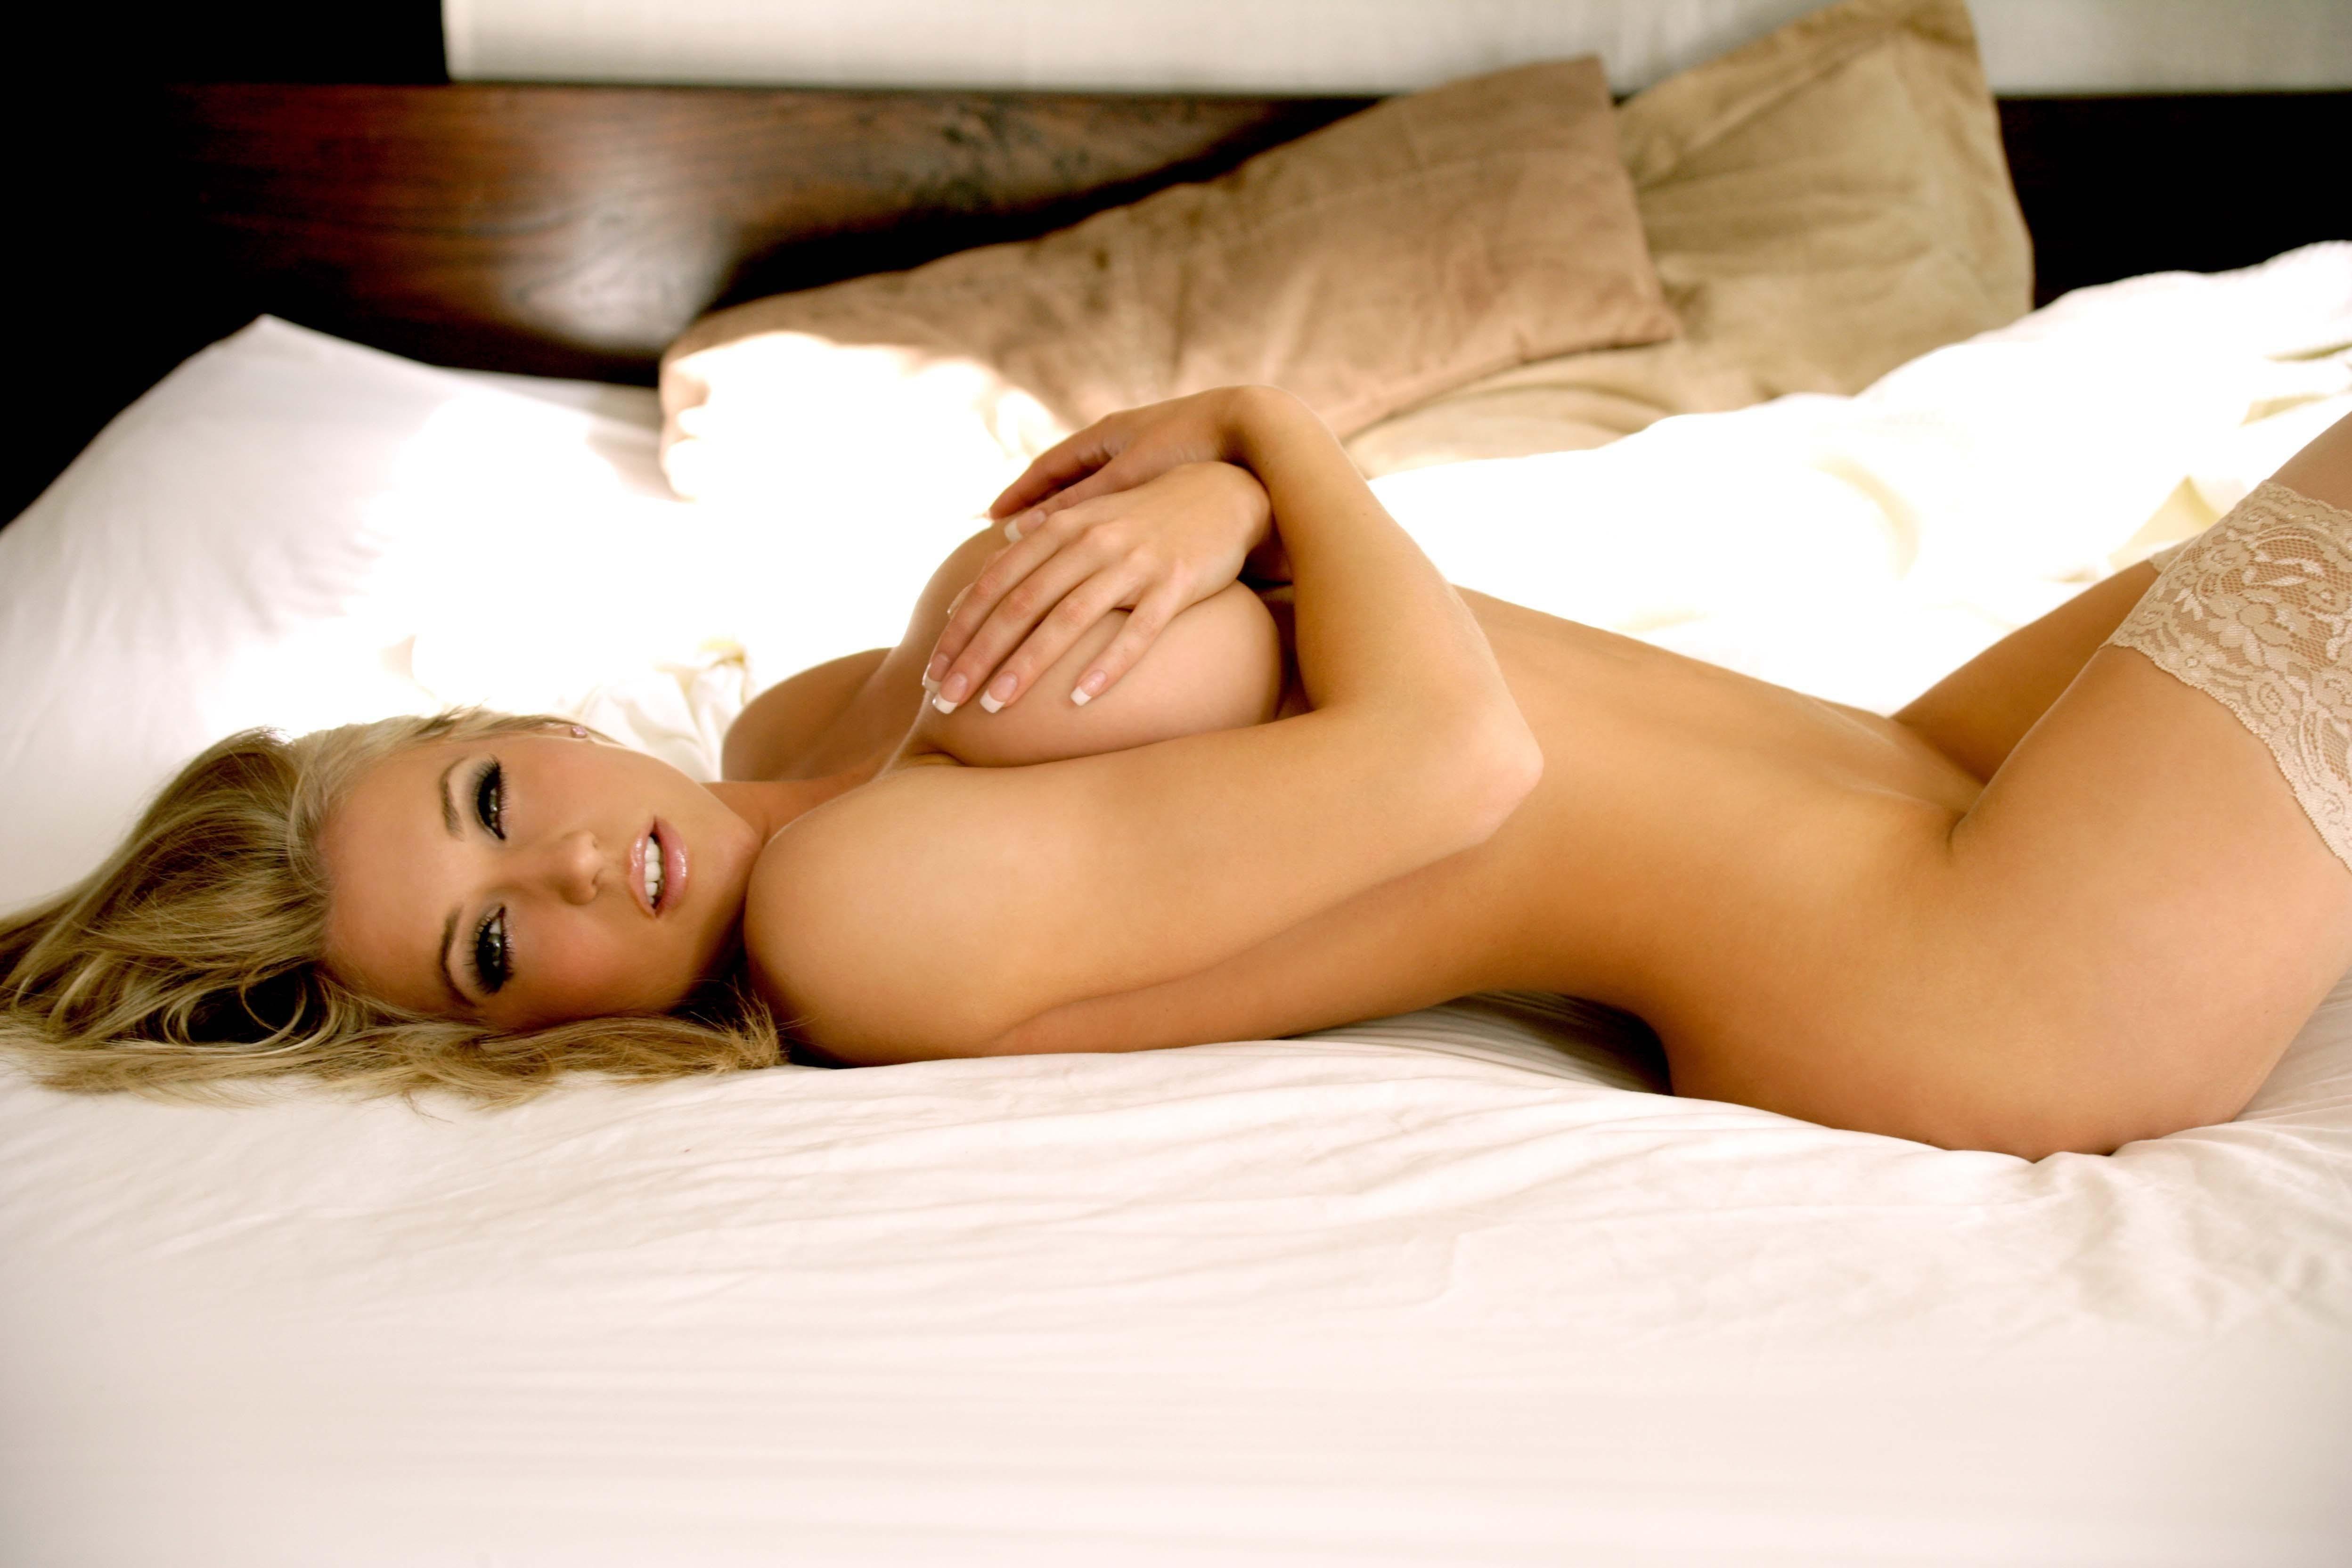 golaya-blondinka-v-posteli